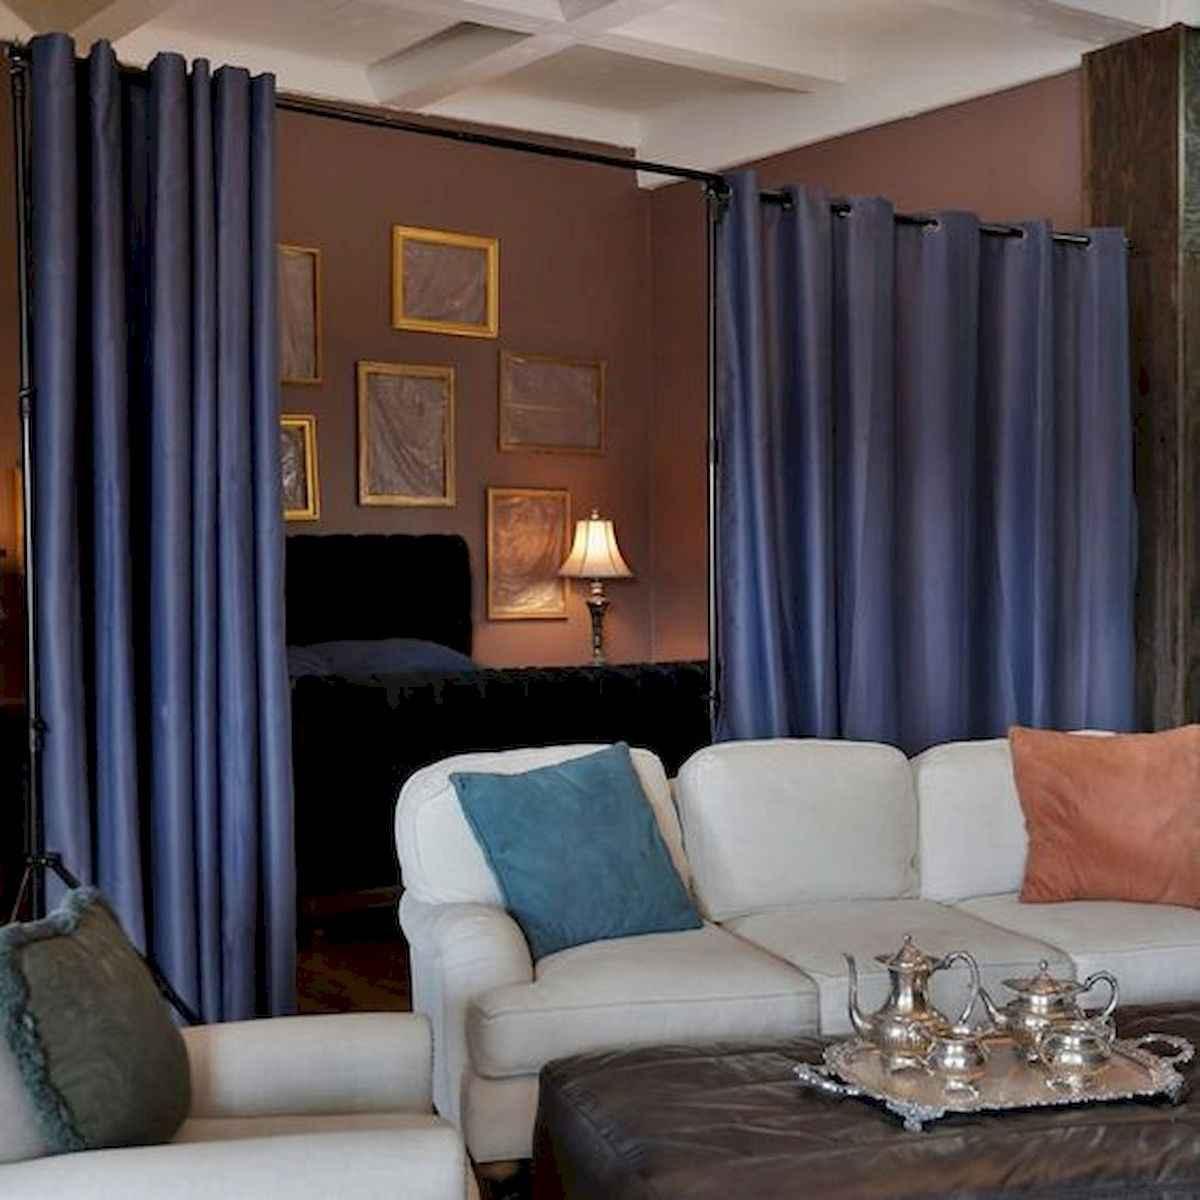 40 Favorite Studio Apartment Room Dividers Curtains Design Ideas and Decor (3)